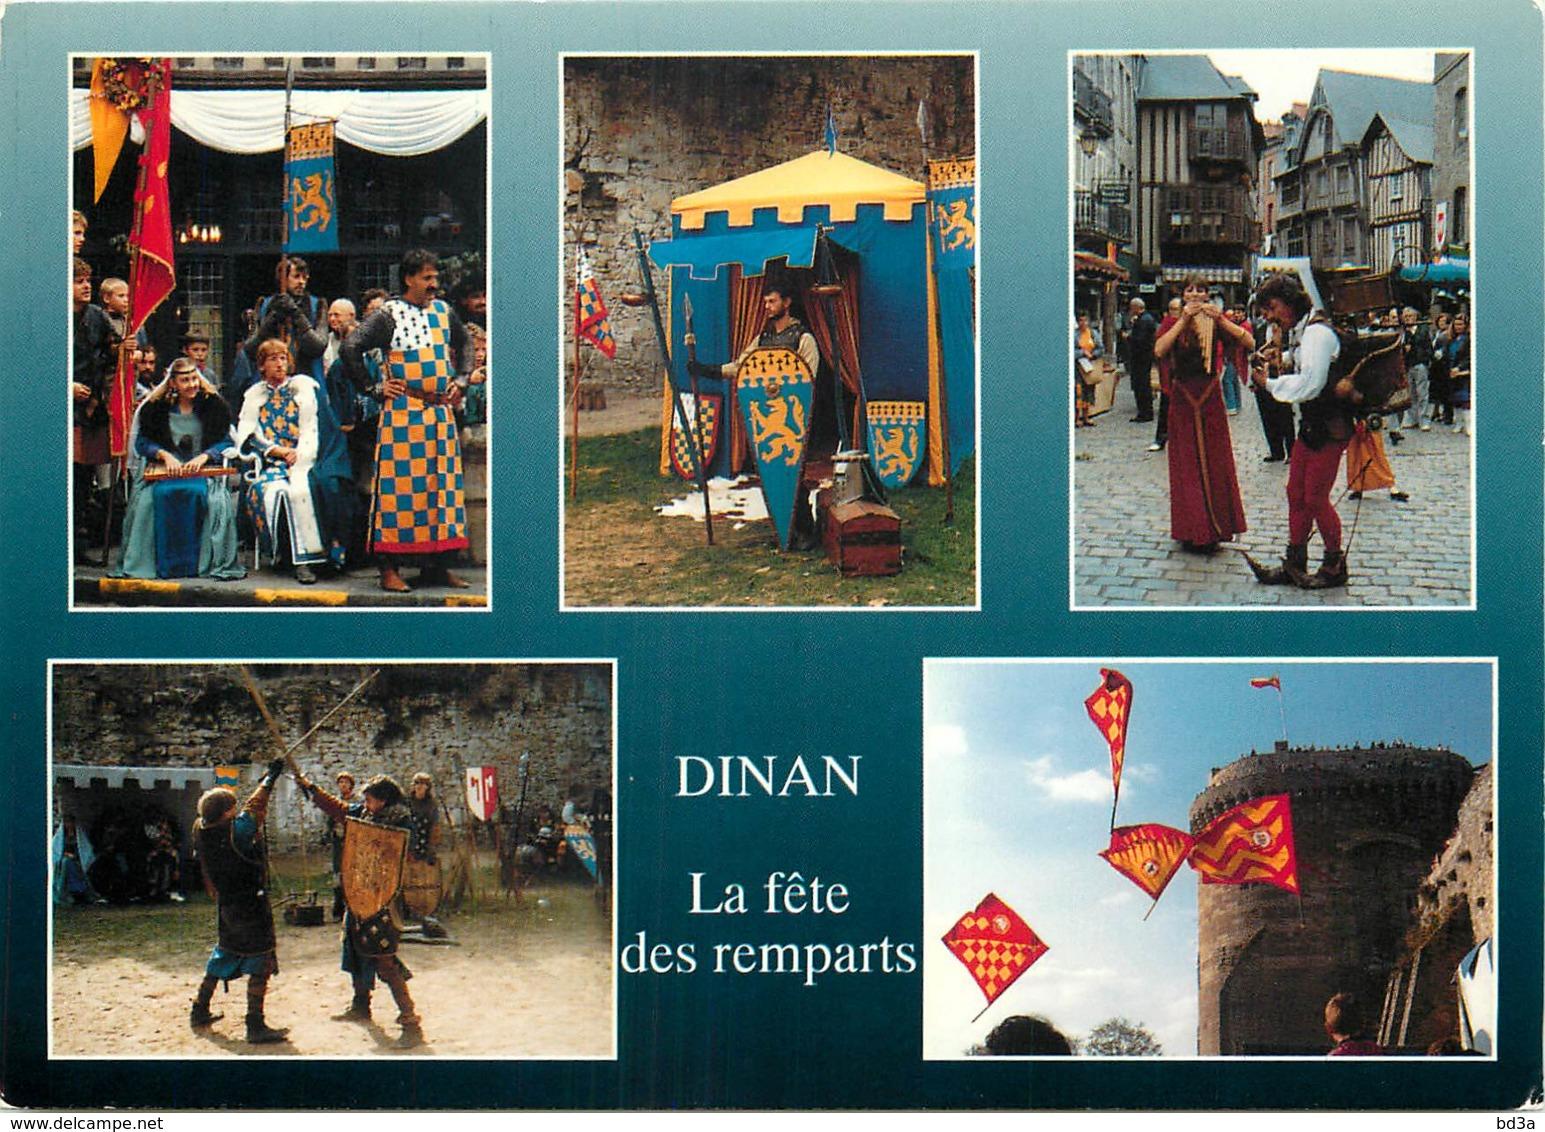 22 - DINAN - Dinan